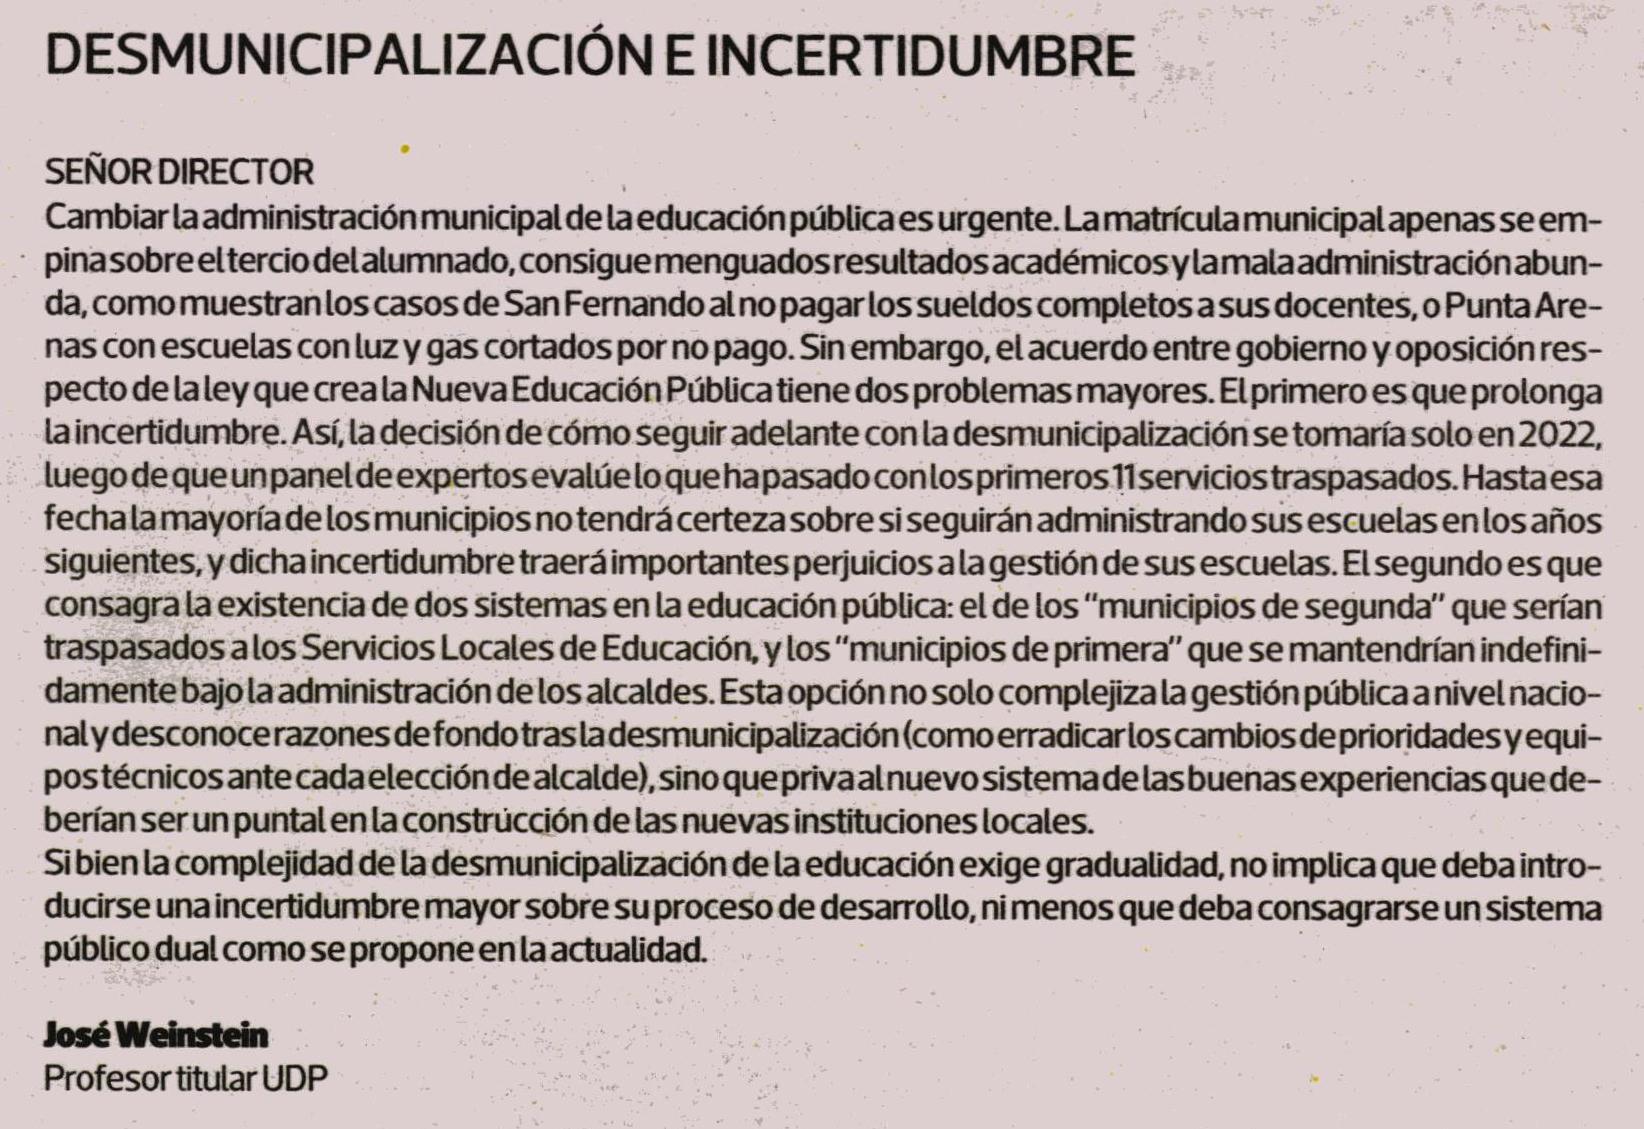 desmunicipalización_jw